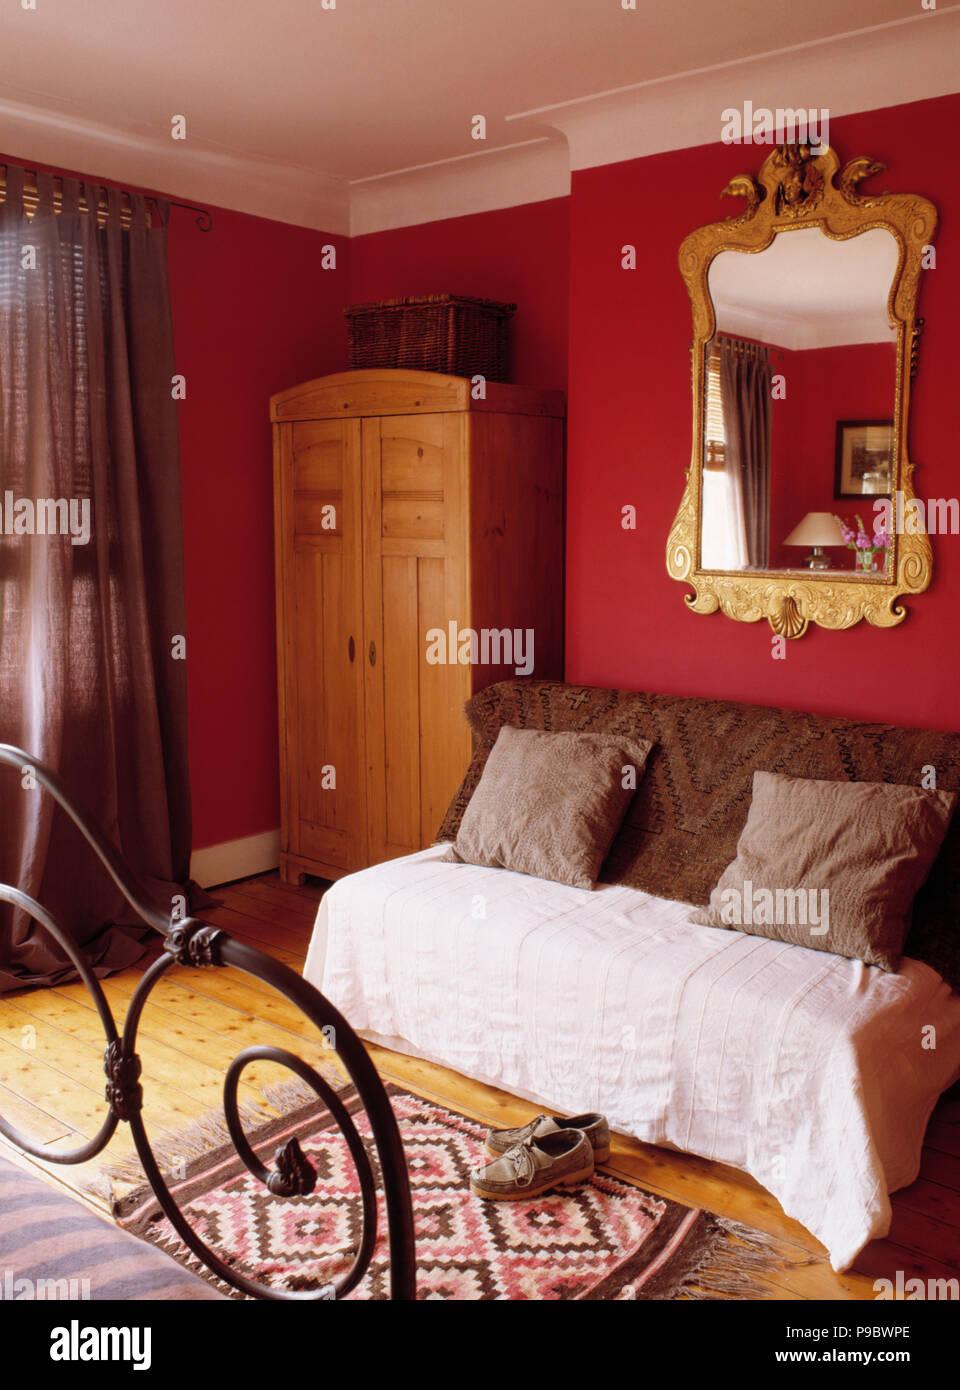 Reich verzierten vergoldeten Spiegel über Couch mit braun Kissen ...